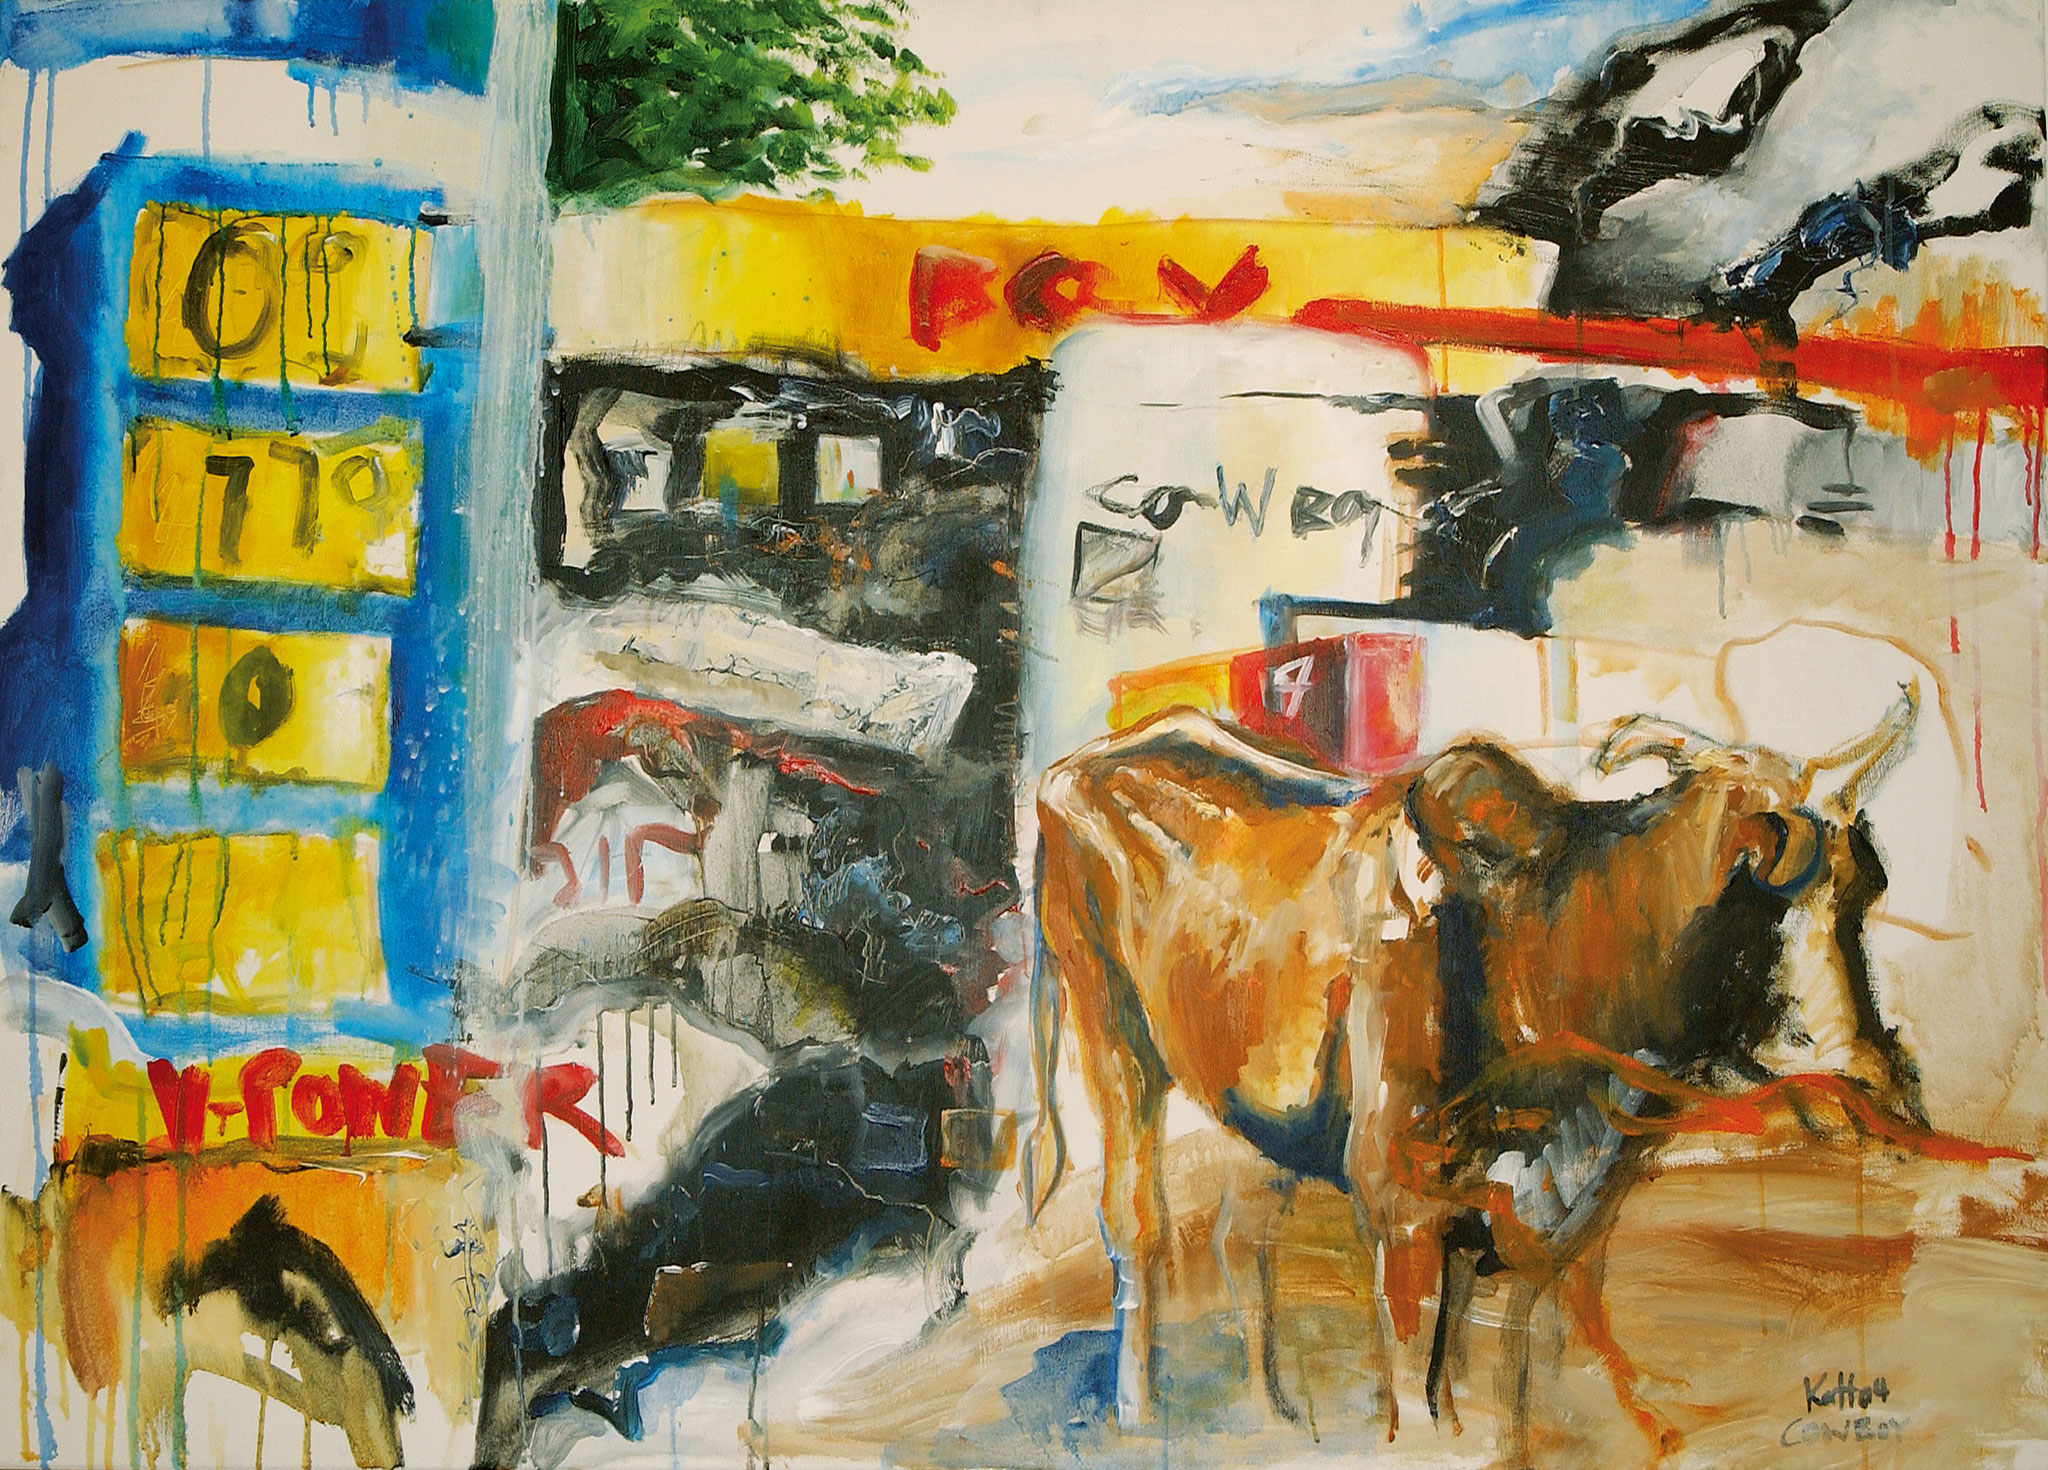 cow_boy, Acryl auf Nessel, 100 x 160 cm, 2004